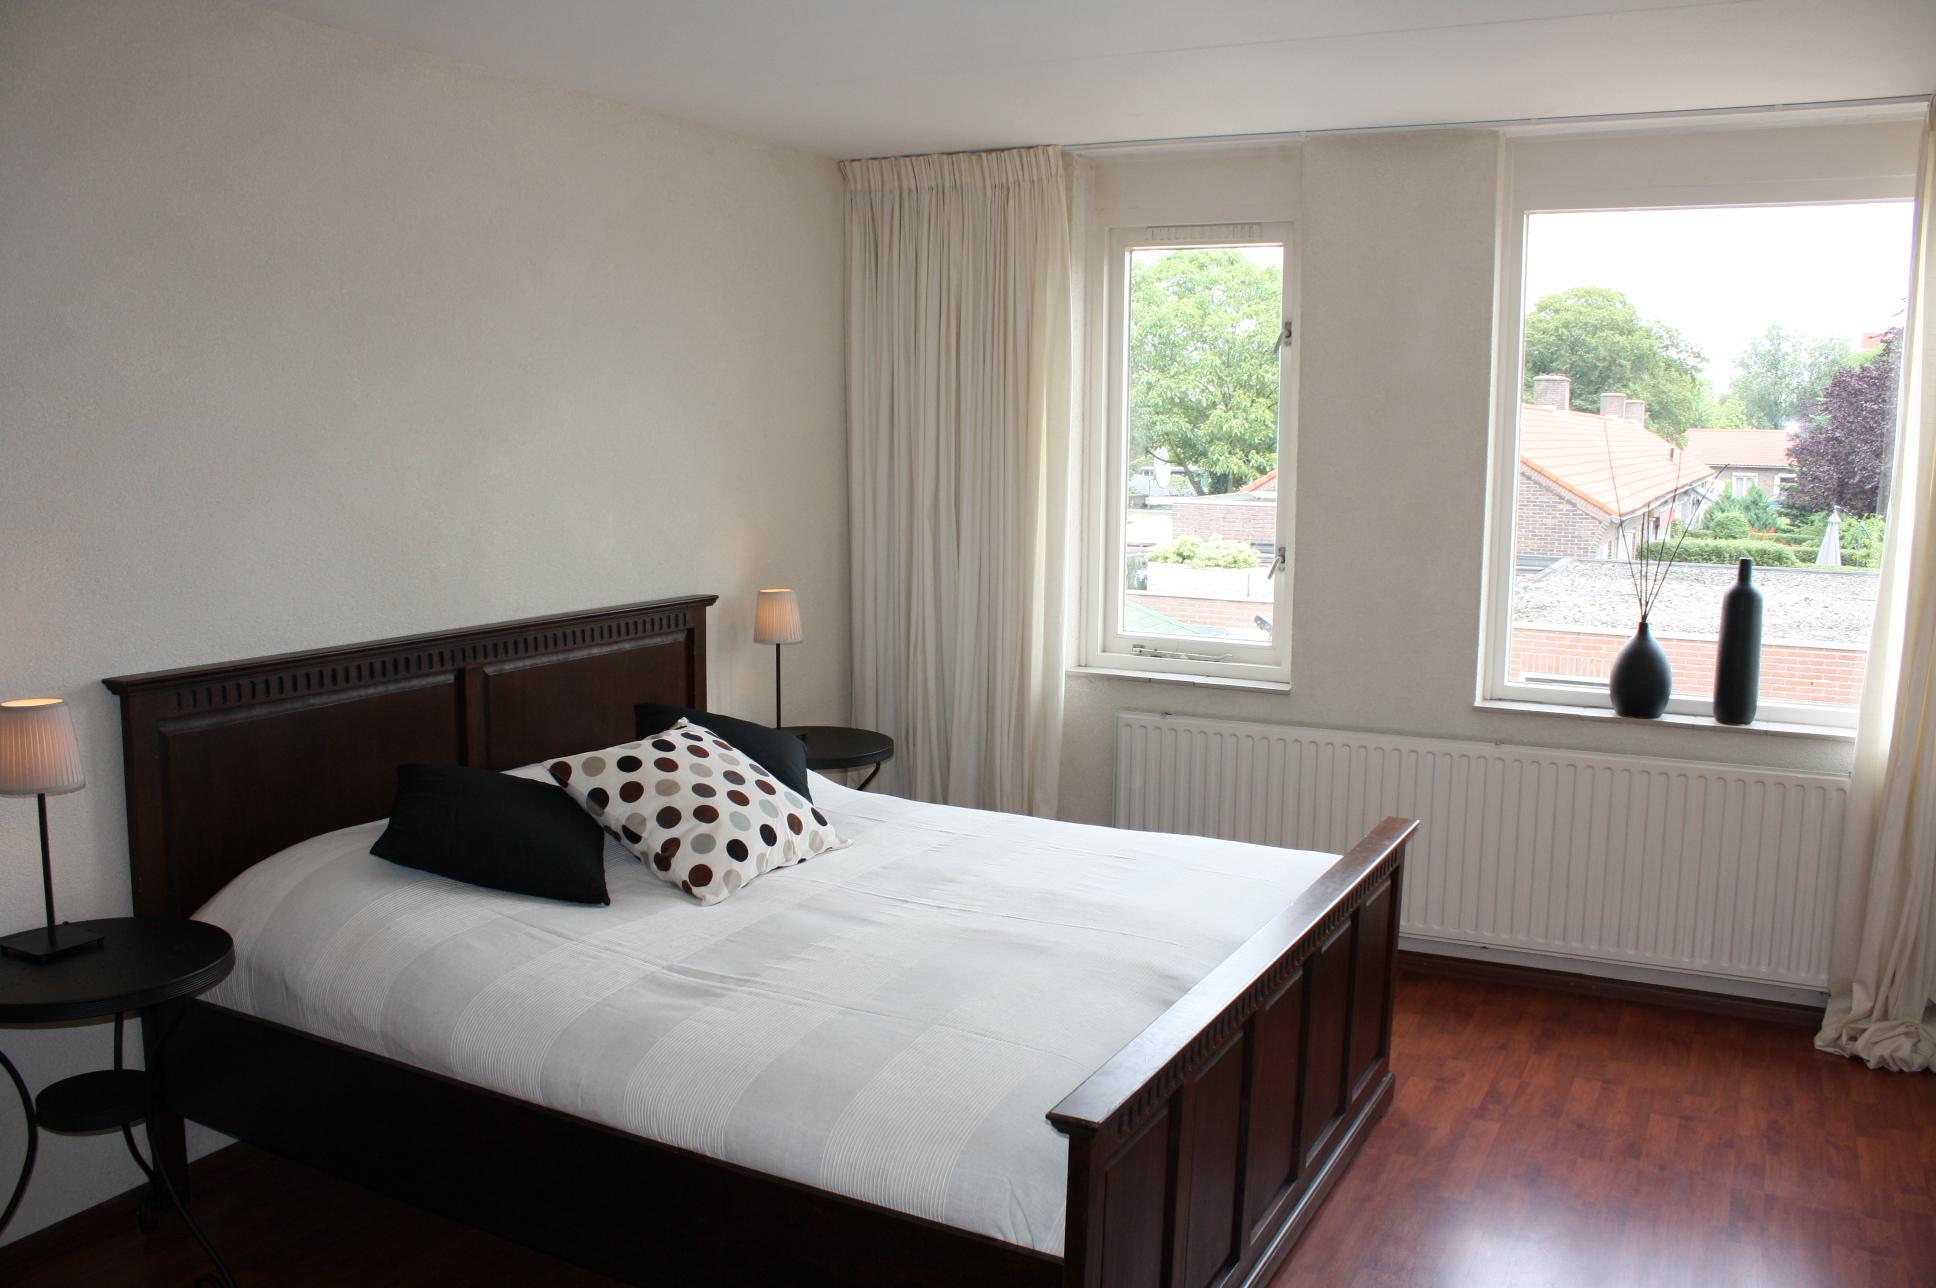 Huis verkopen slaapkamer klaarmaken voor verkoop for 3d slaapkamer maken